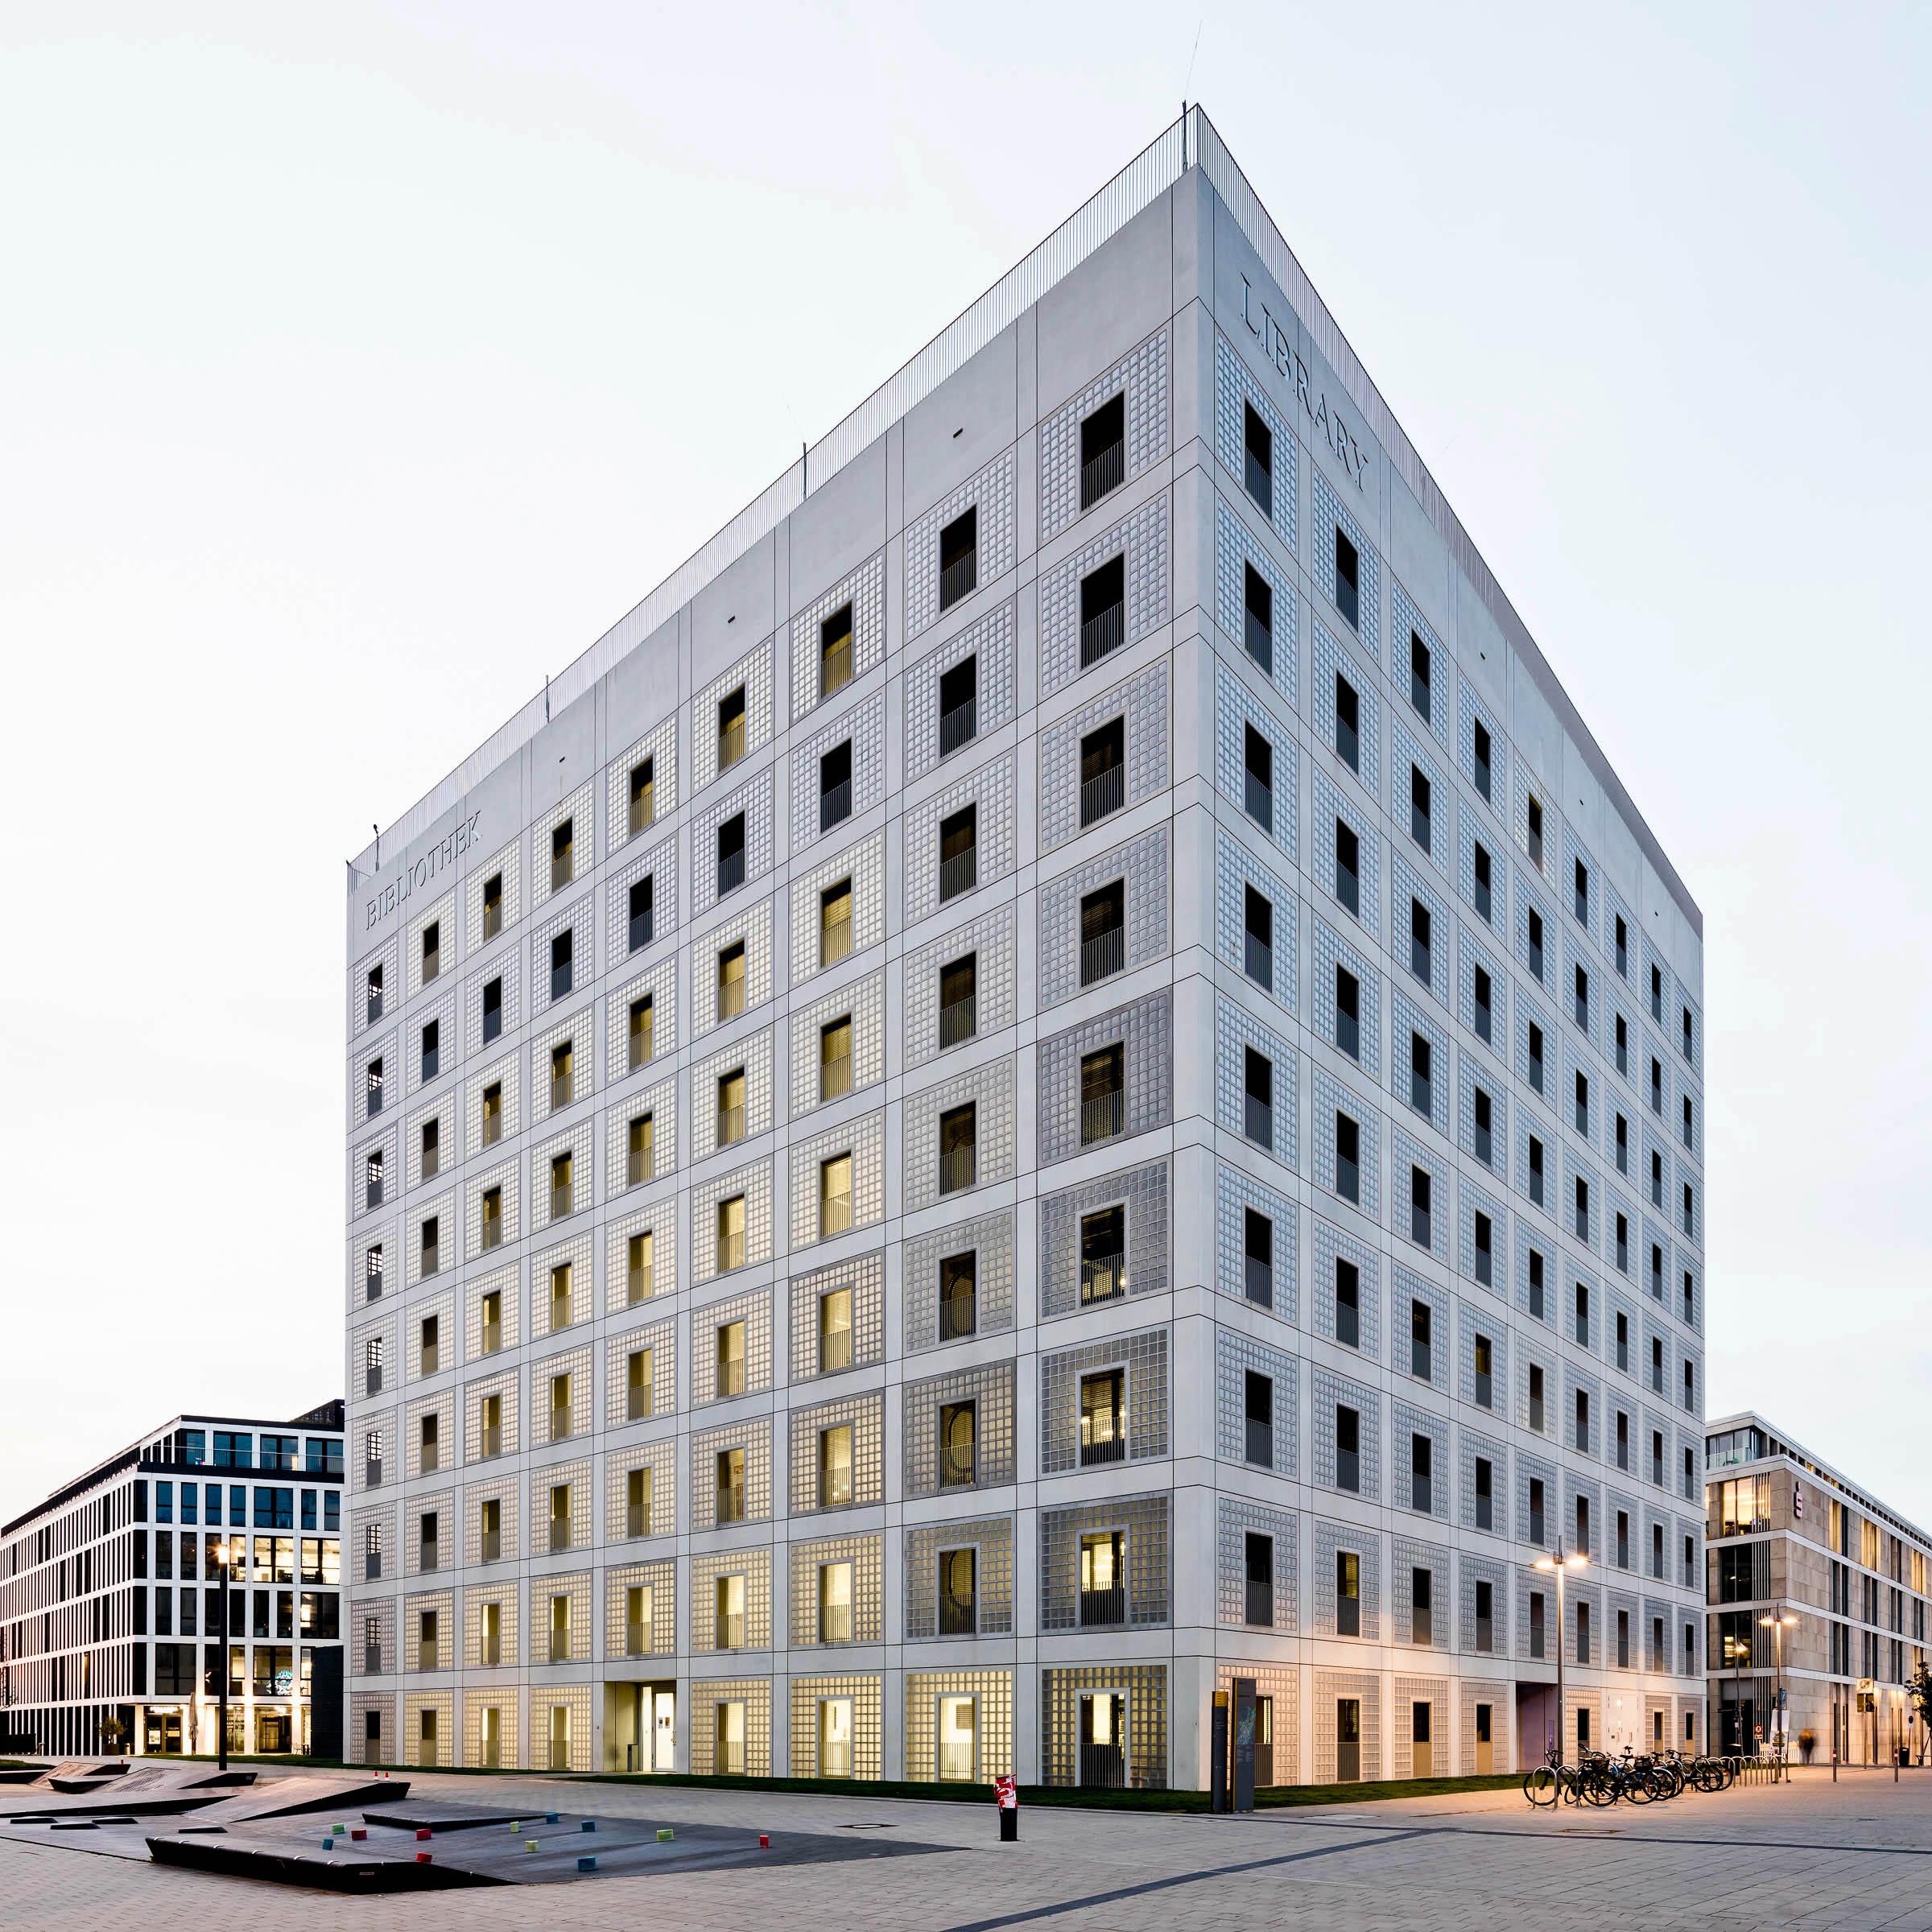 stadtbuecherei-stuttgart-yi-architects-jakob-boerner-architekturfotograf-hamburg-architekturfotografie-1.jpg